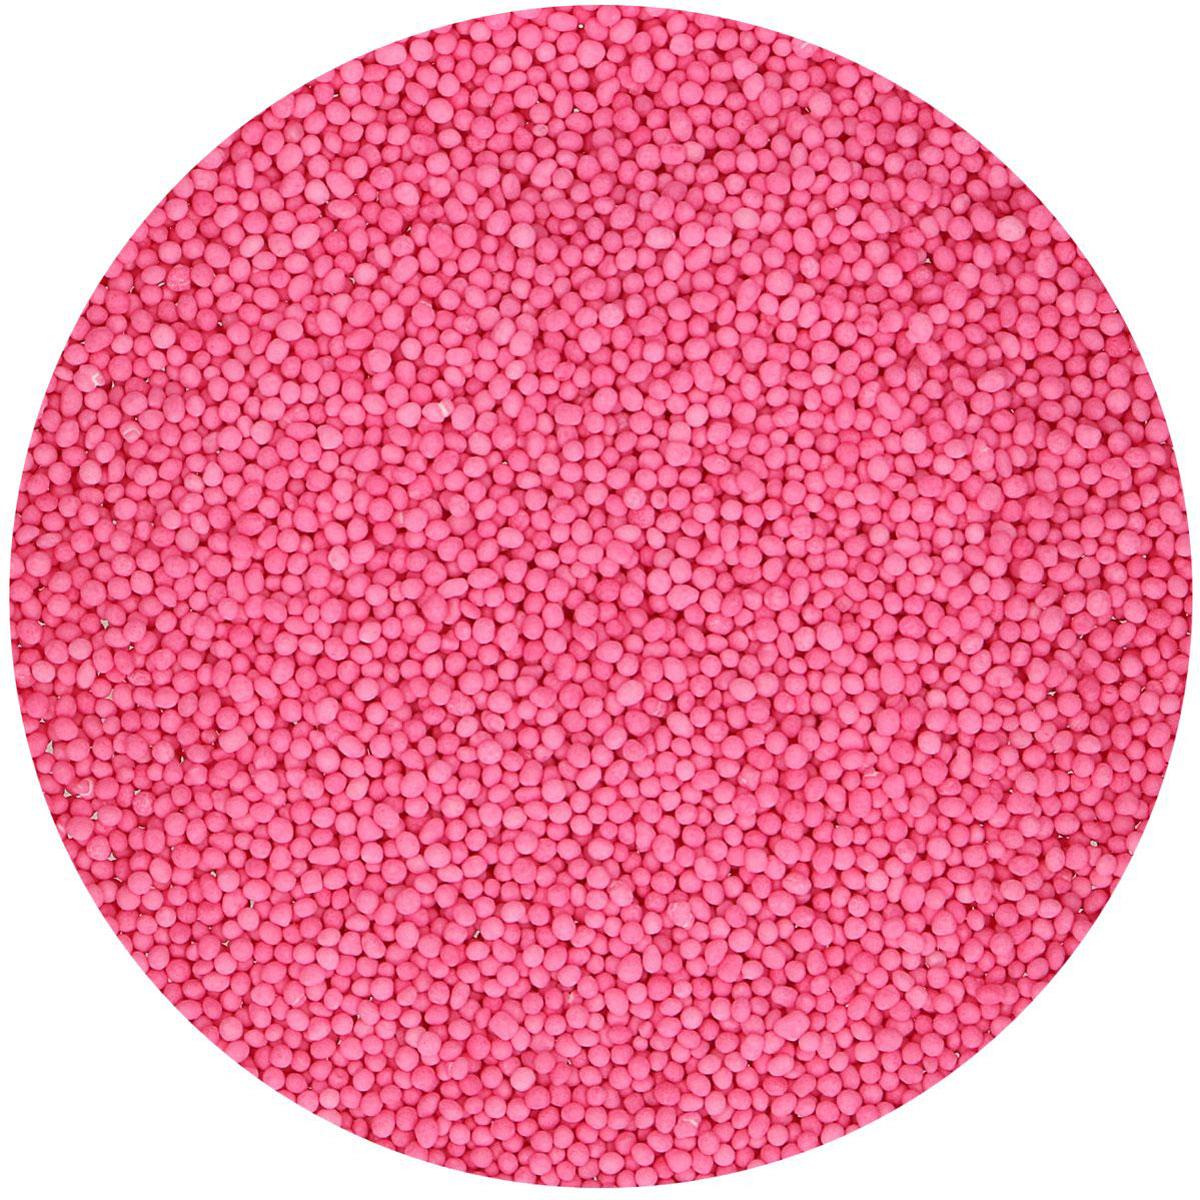 Funcakes Nonpareils Zuckerperlen - Pink 80g